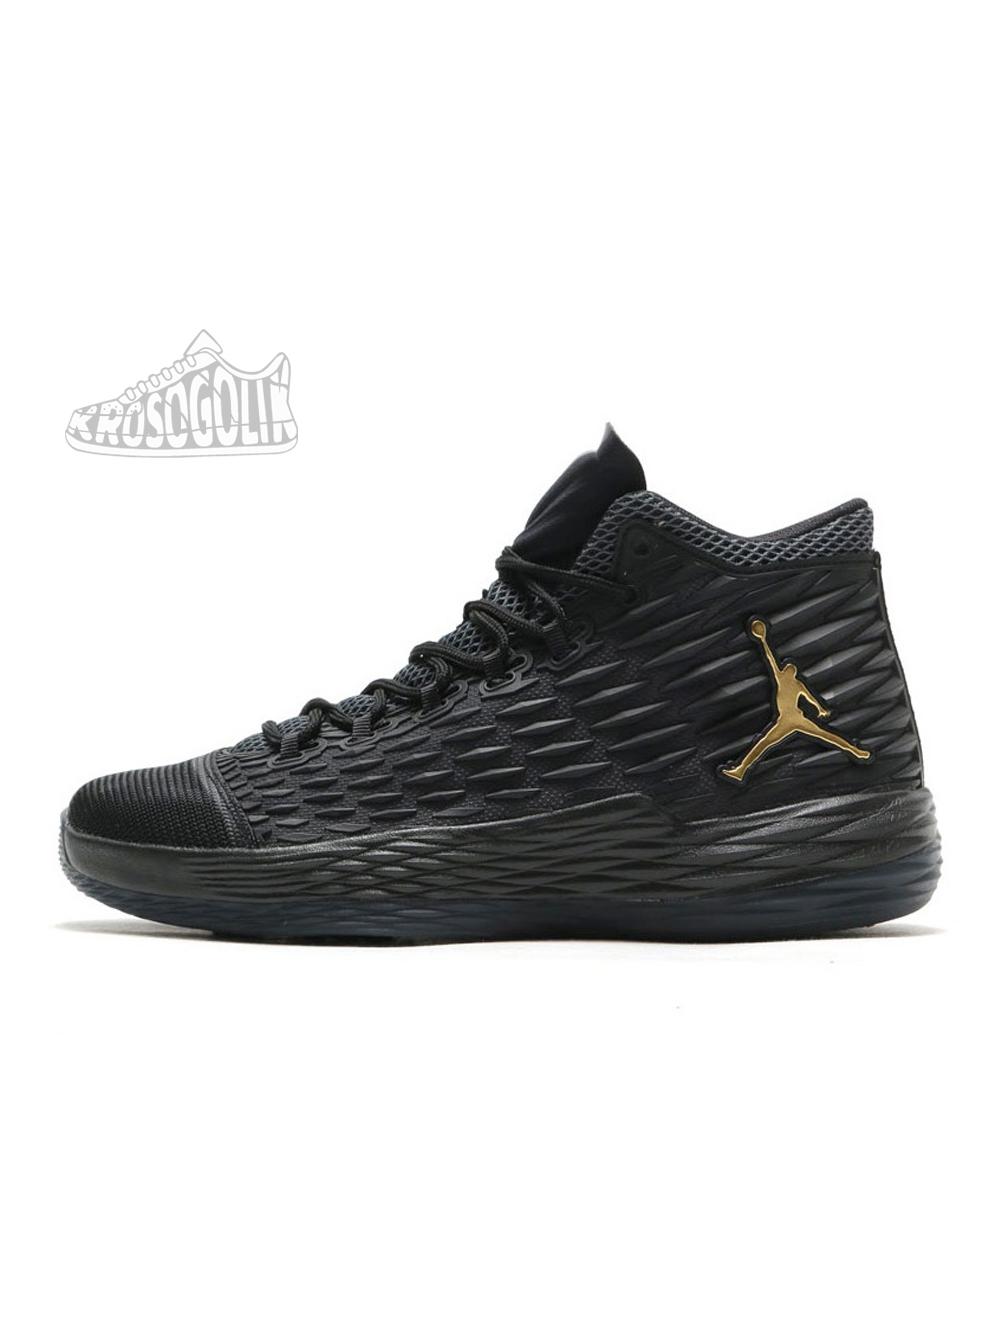 07c1cdb3 Купить мужские кроссовки Nike Air More Uptempo Flex на krosogolik.com